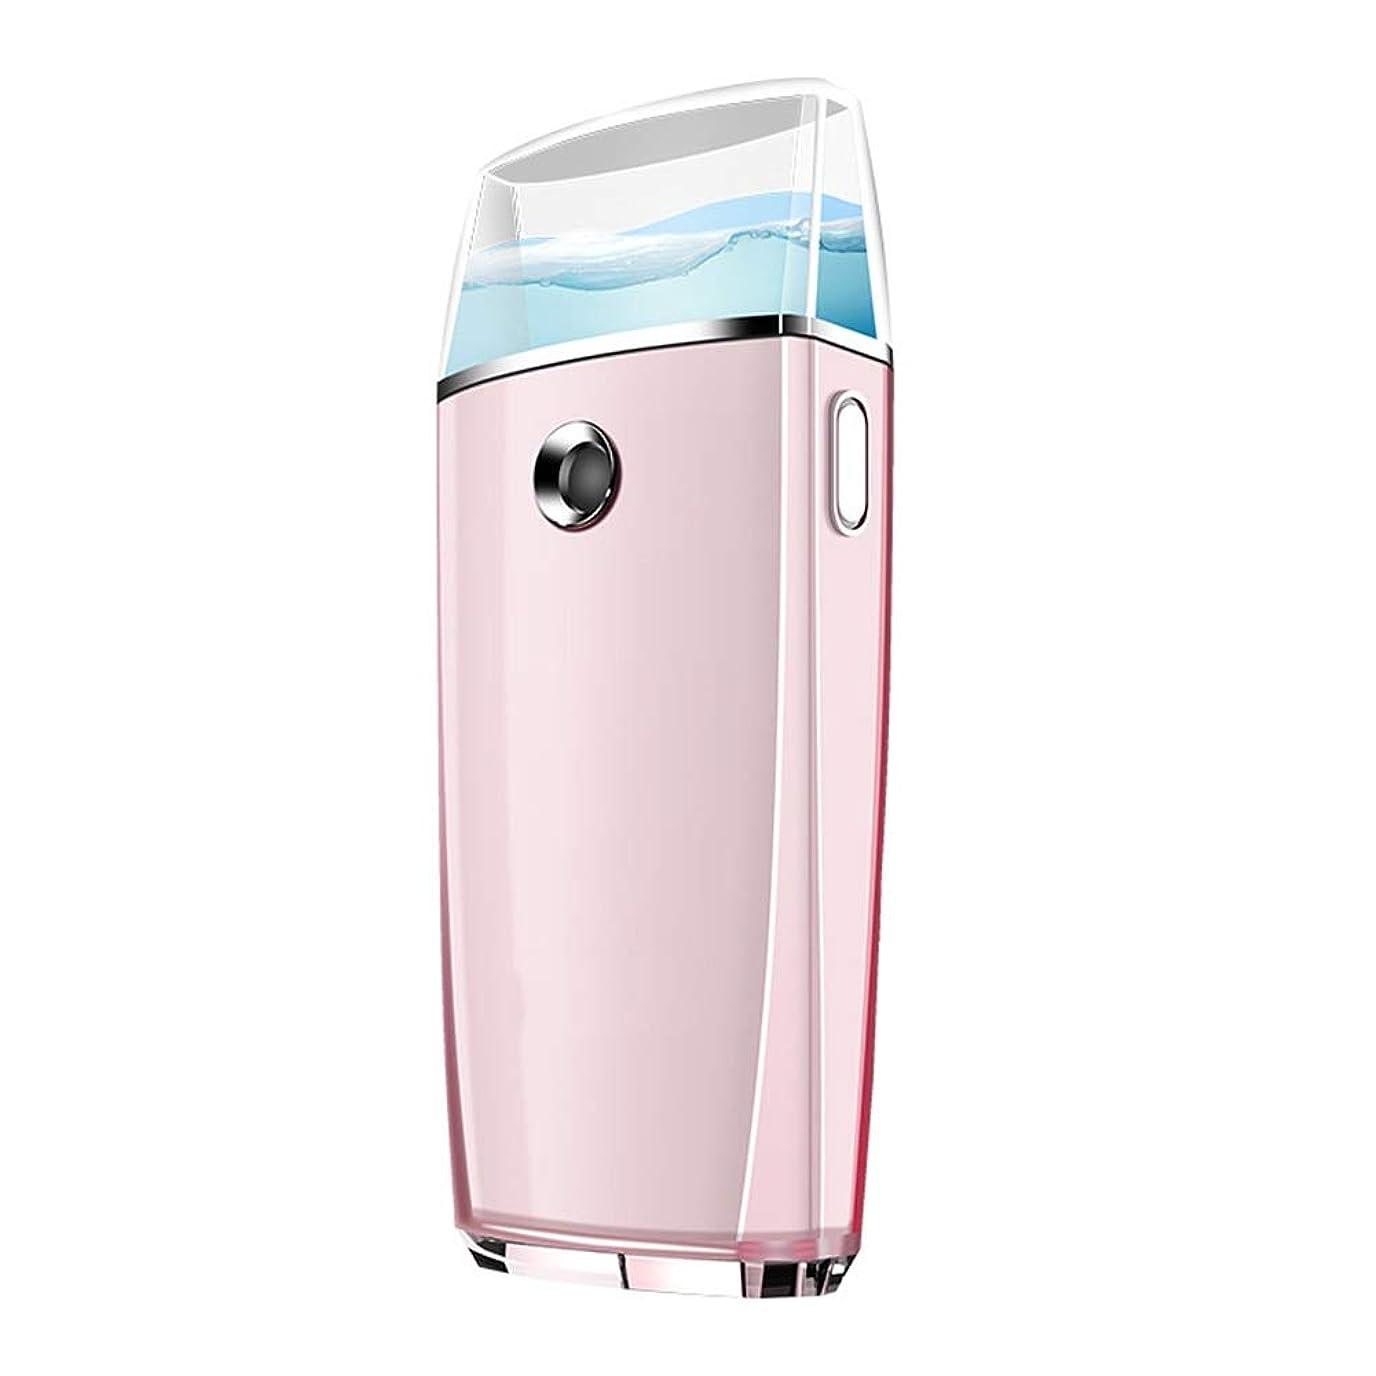 成人期小麦みすぼらしいZXF ナノスプレー水道メーターポータブル顔美容機器充電表面コールドスプレー機スプレー2ピンクモデルグリーンモデル 滑らかである (色 : Pink)